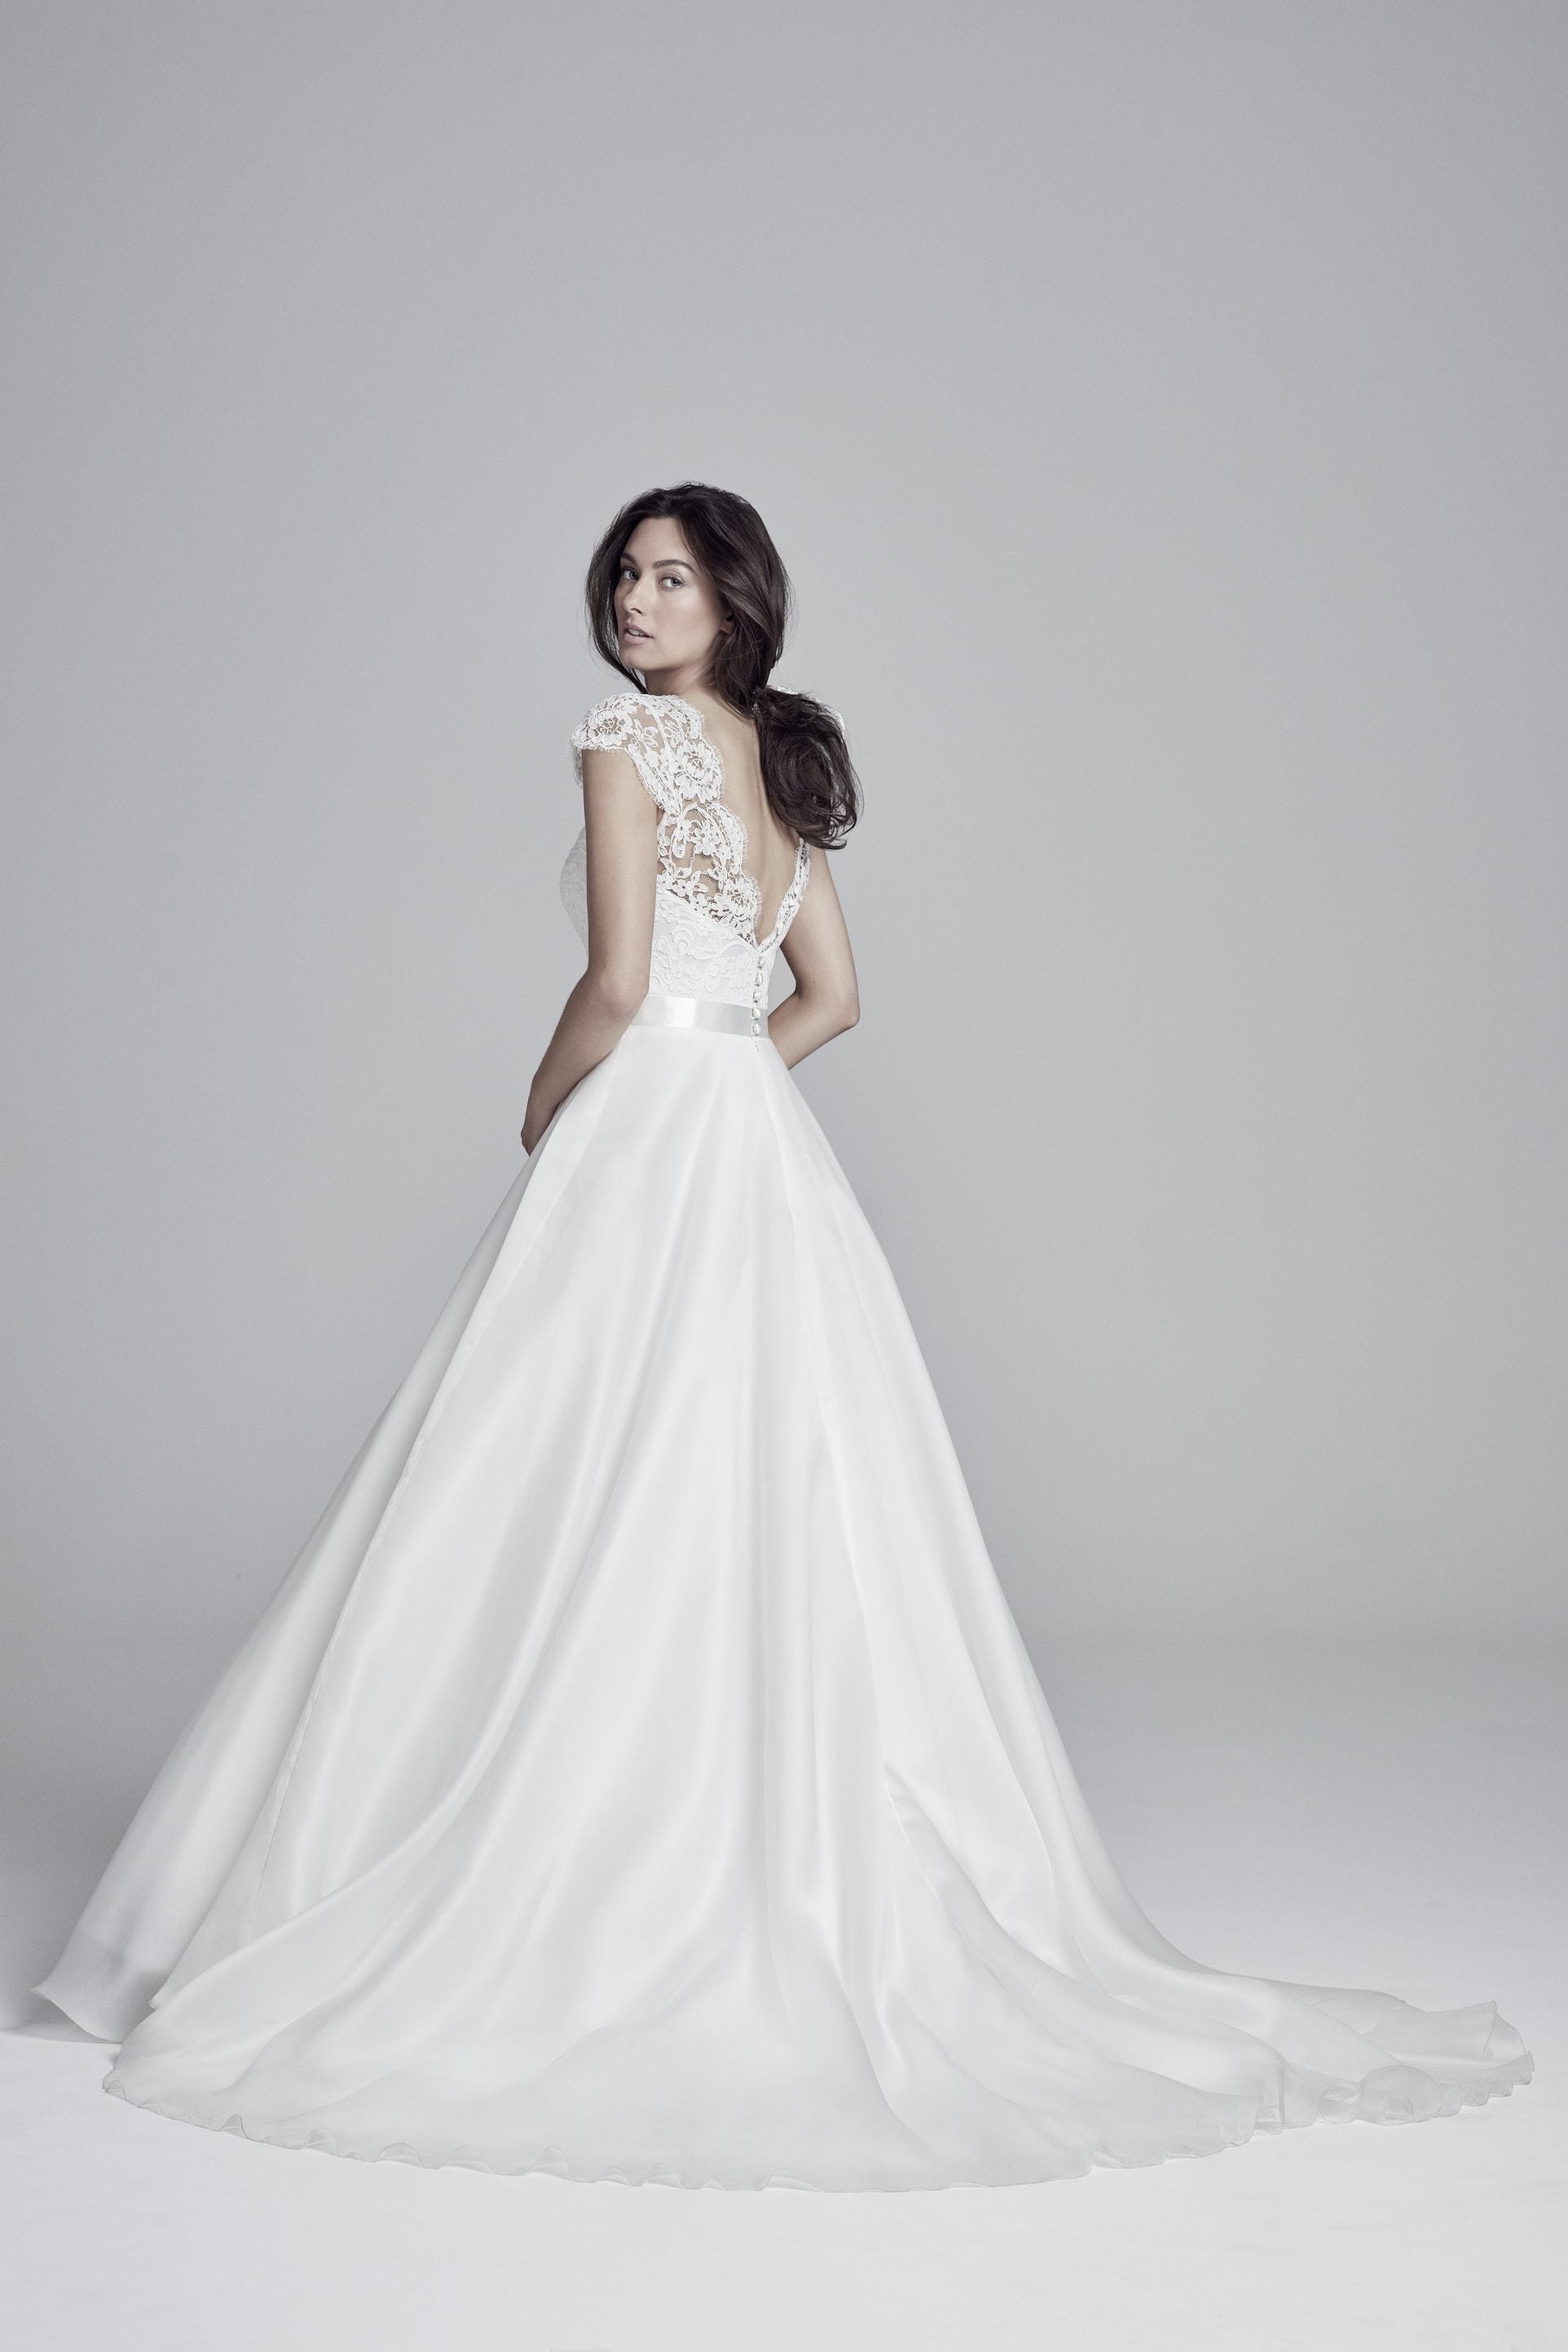 1991df70a6b Suzanne Neville wedding dresses in Paris - Metal Flaque Bridal Shop